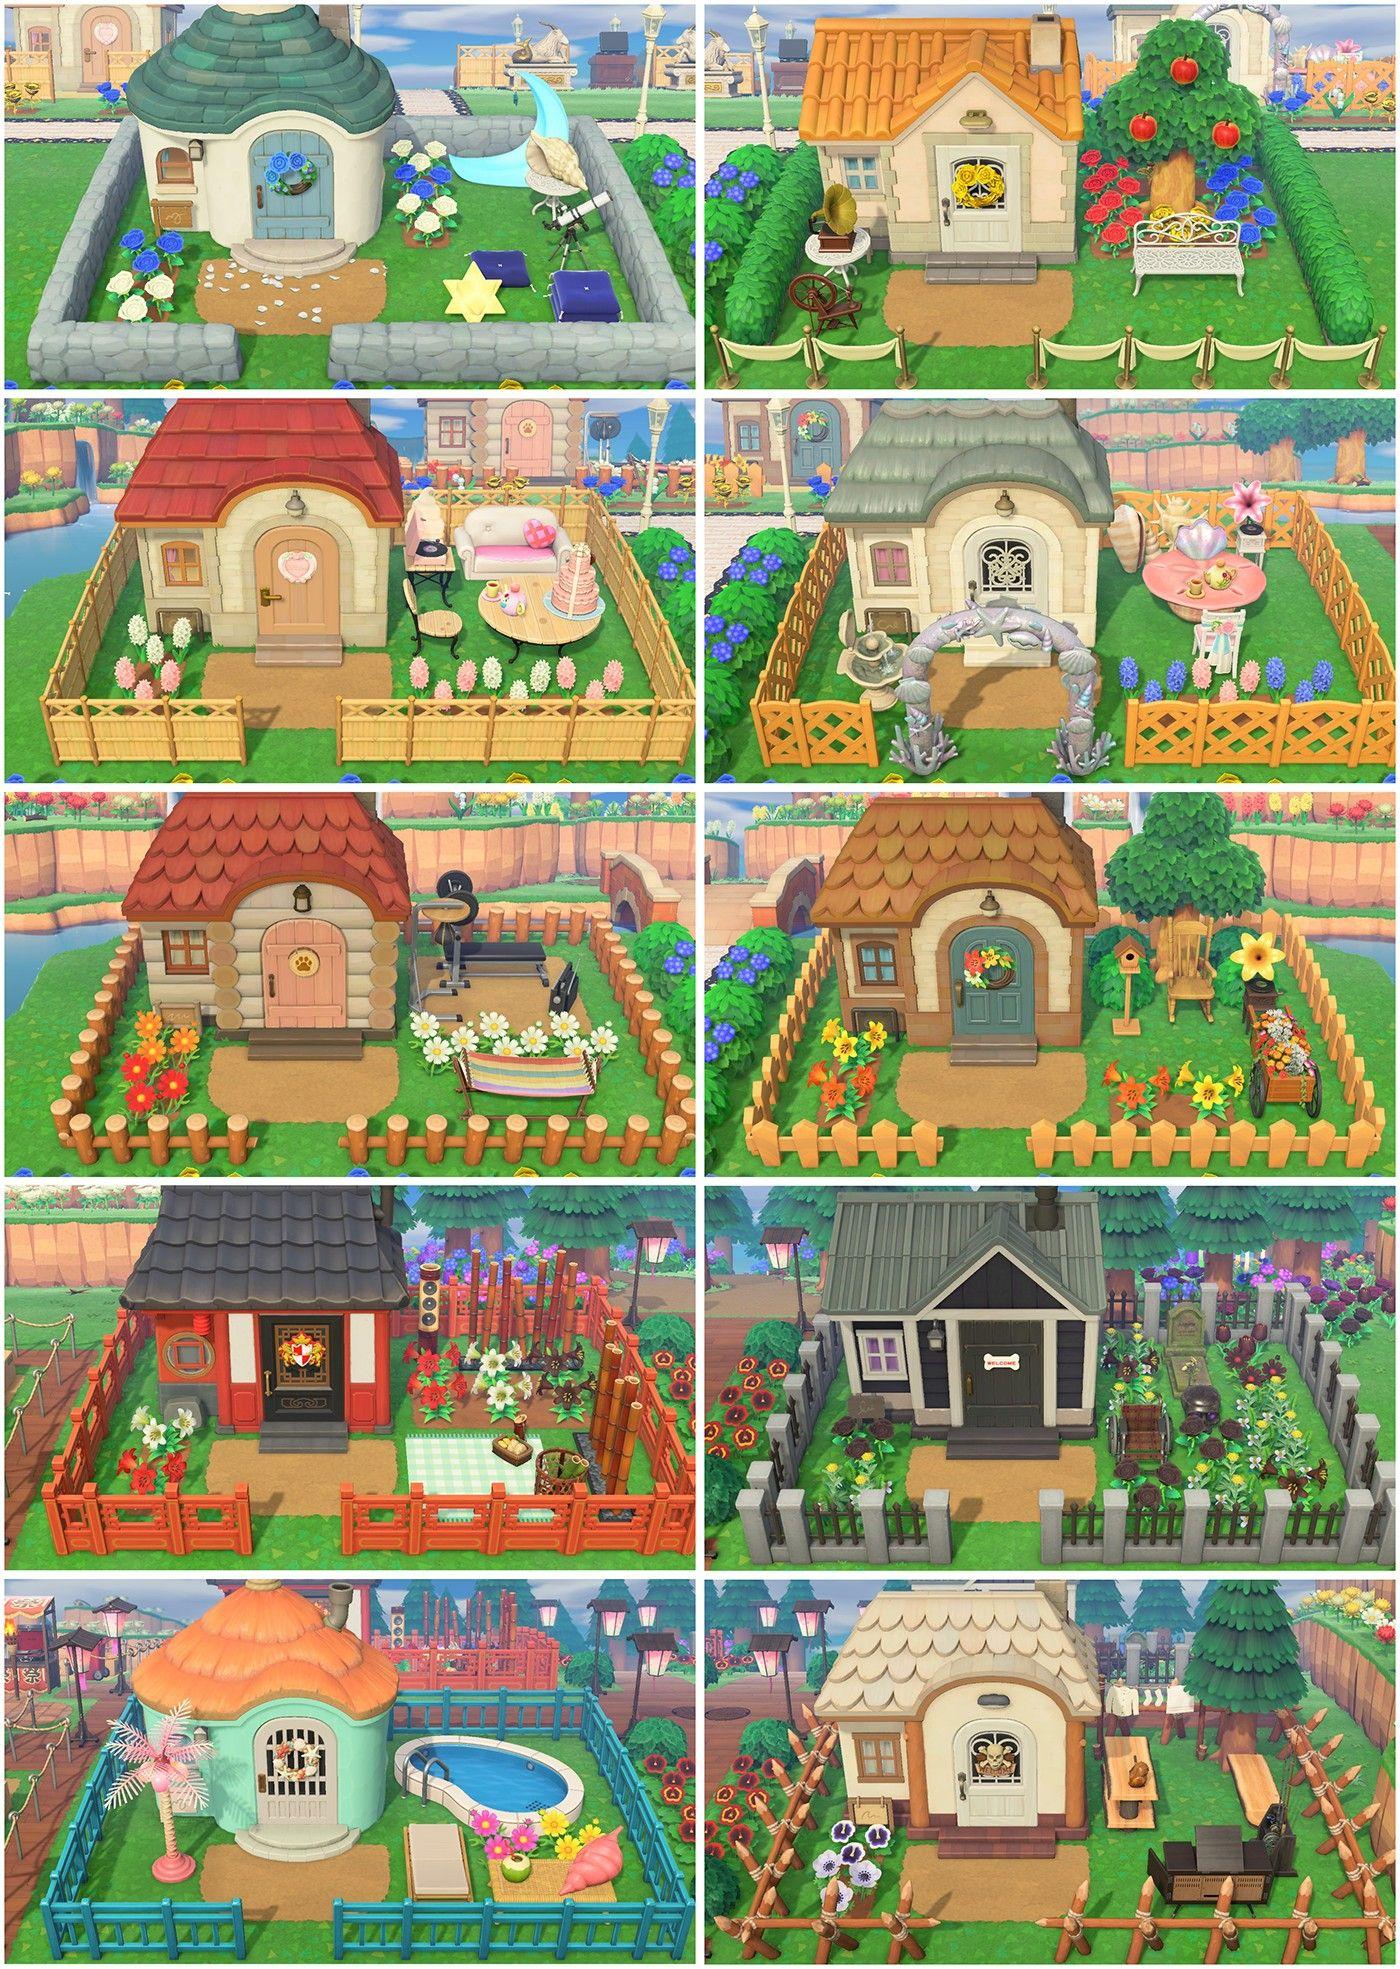 Acnh Villager Garden Ideas